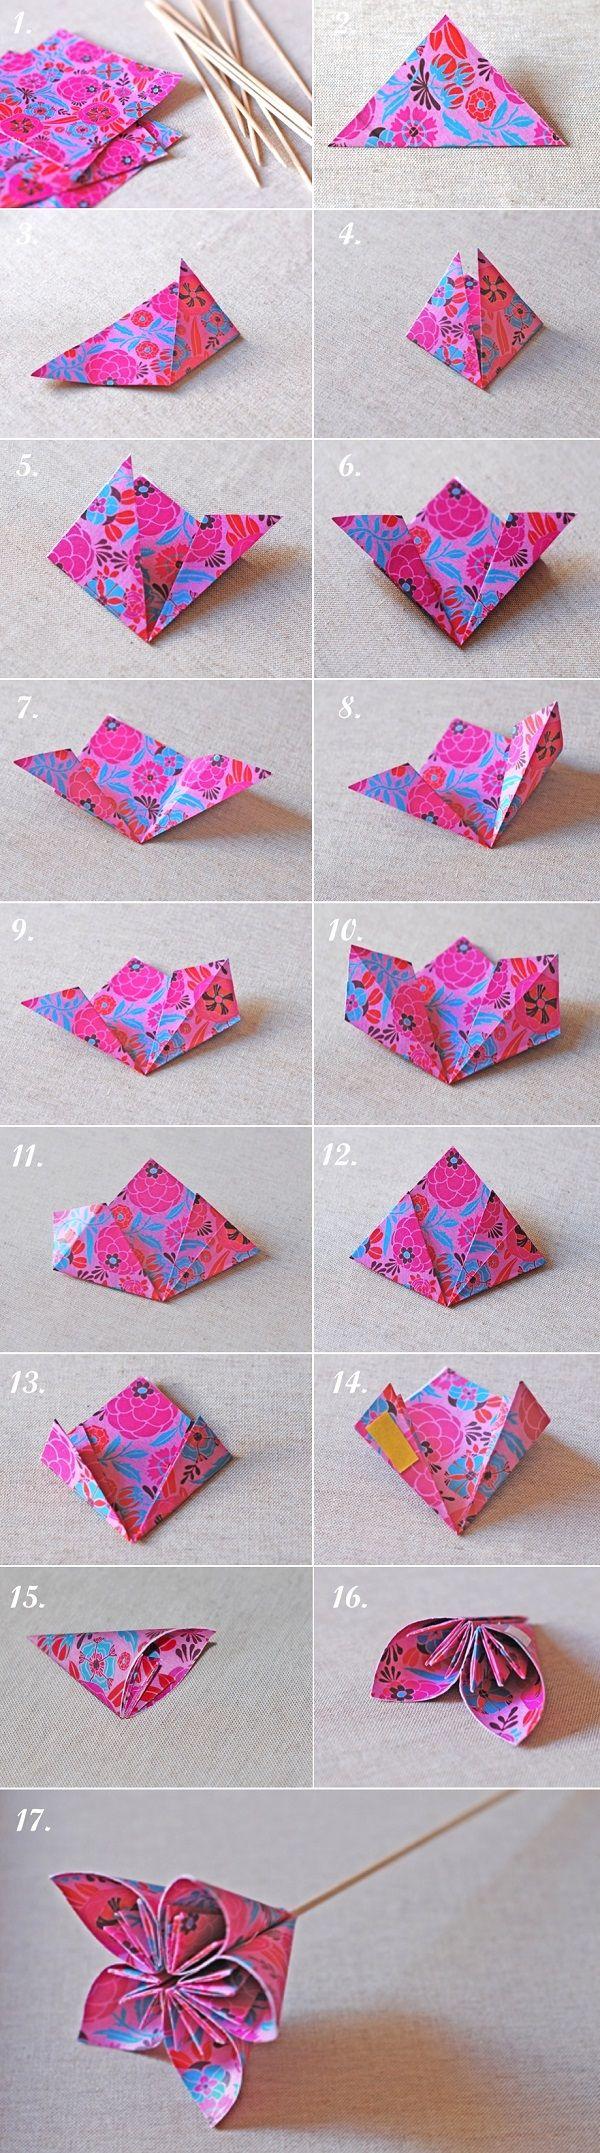 Origami kusudama flowers